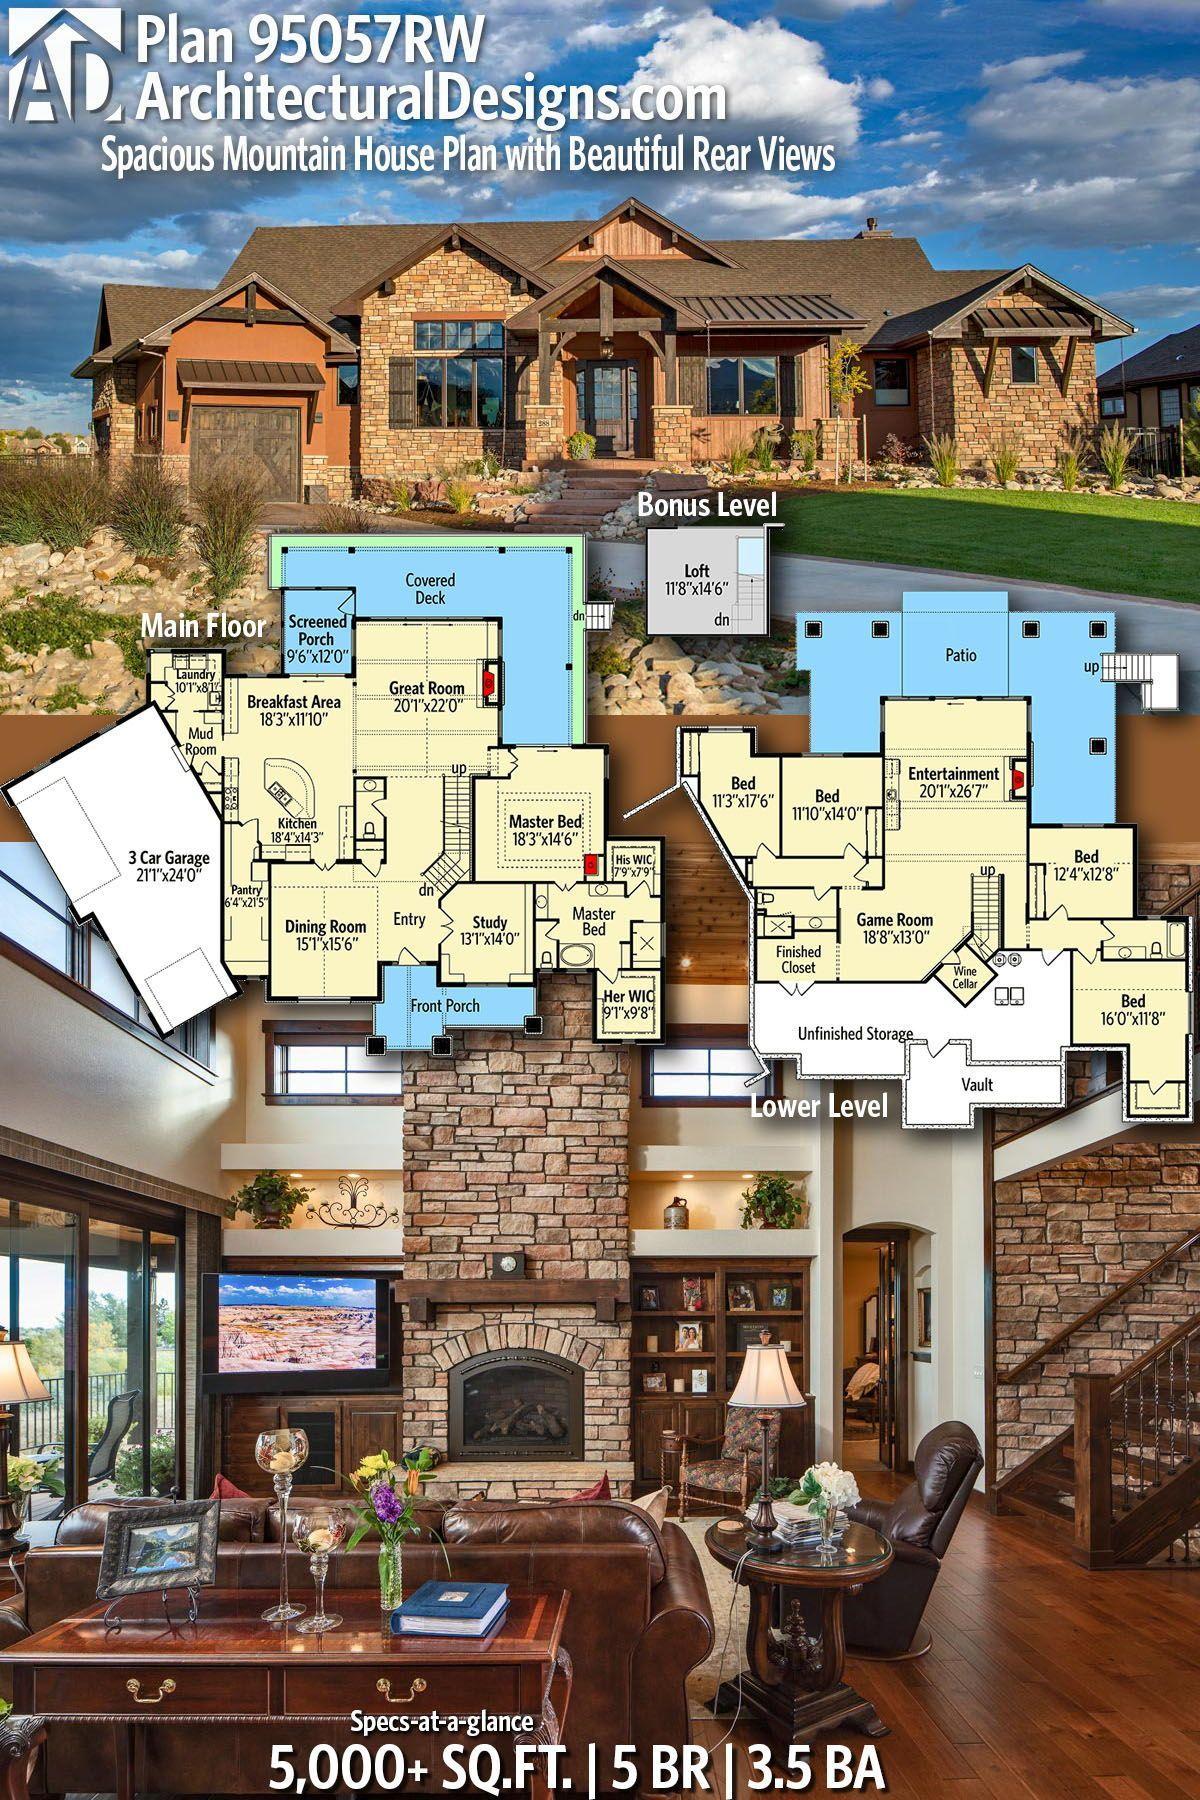 Plan 95057rw Grosszugiger Mountain House Plan Mit Schonen Ruckansichten 95057rw Grosszugig Mountain House Plans Dream House Plans House Plans